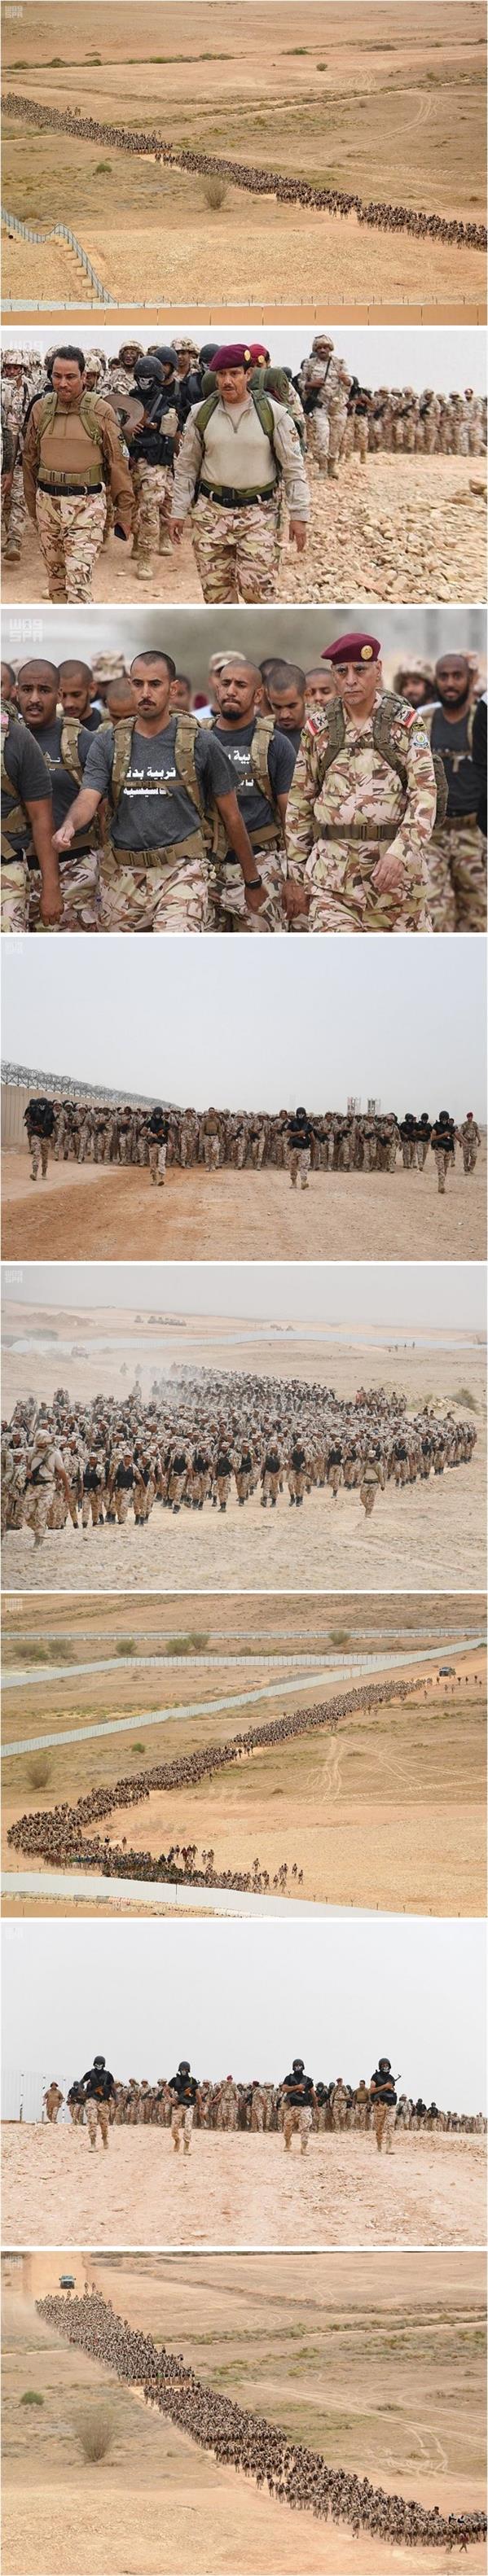 """منظر مهيب لقوات الأمن الخاصة أثناء تنفيذ مشروع """"السير الطويل"""""""